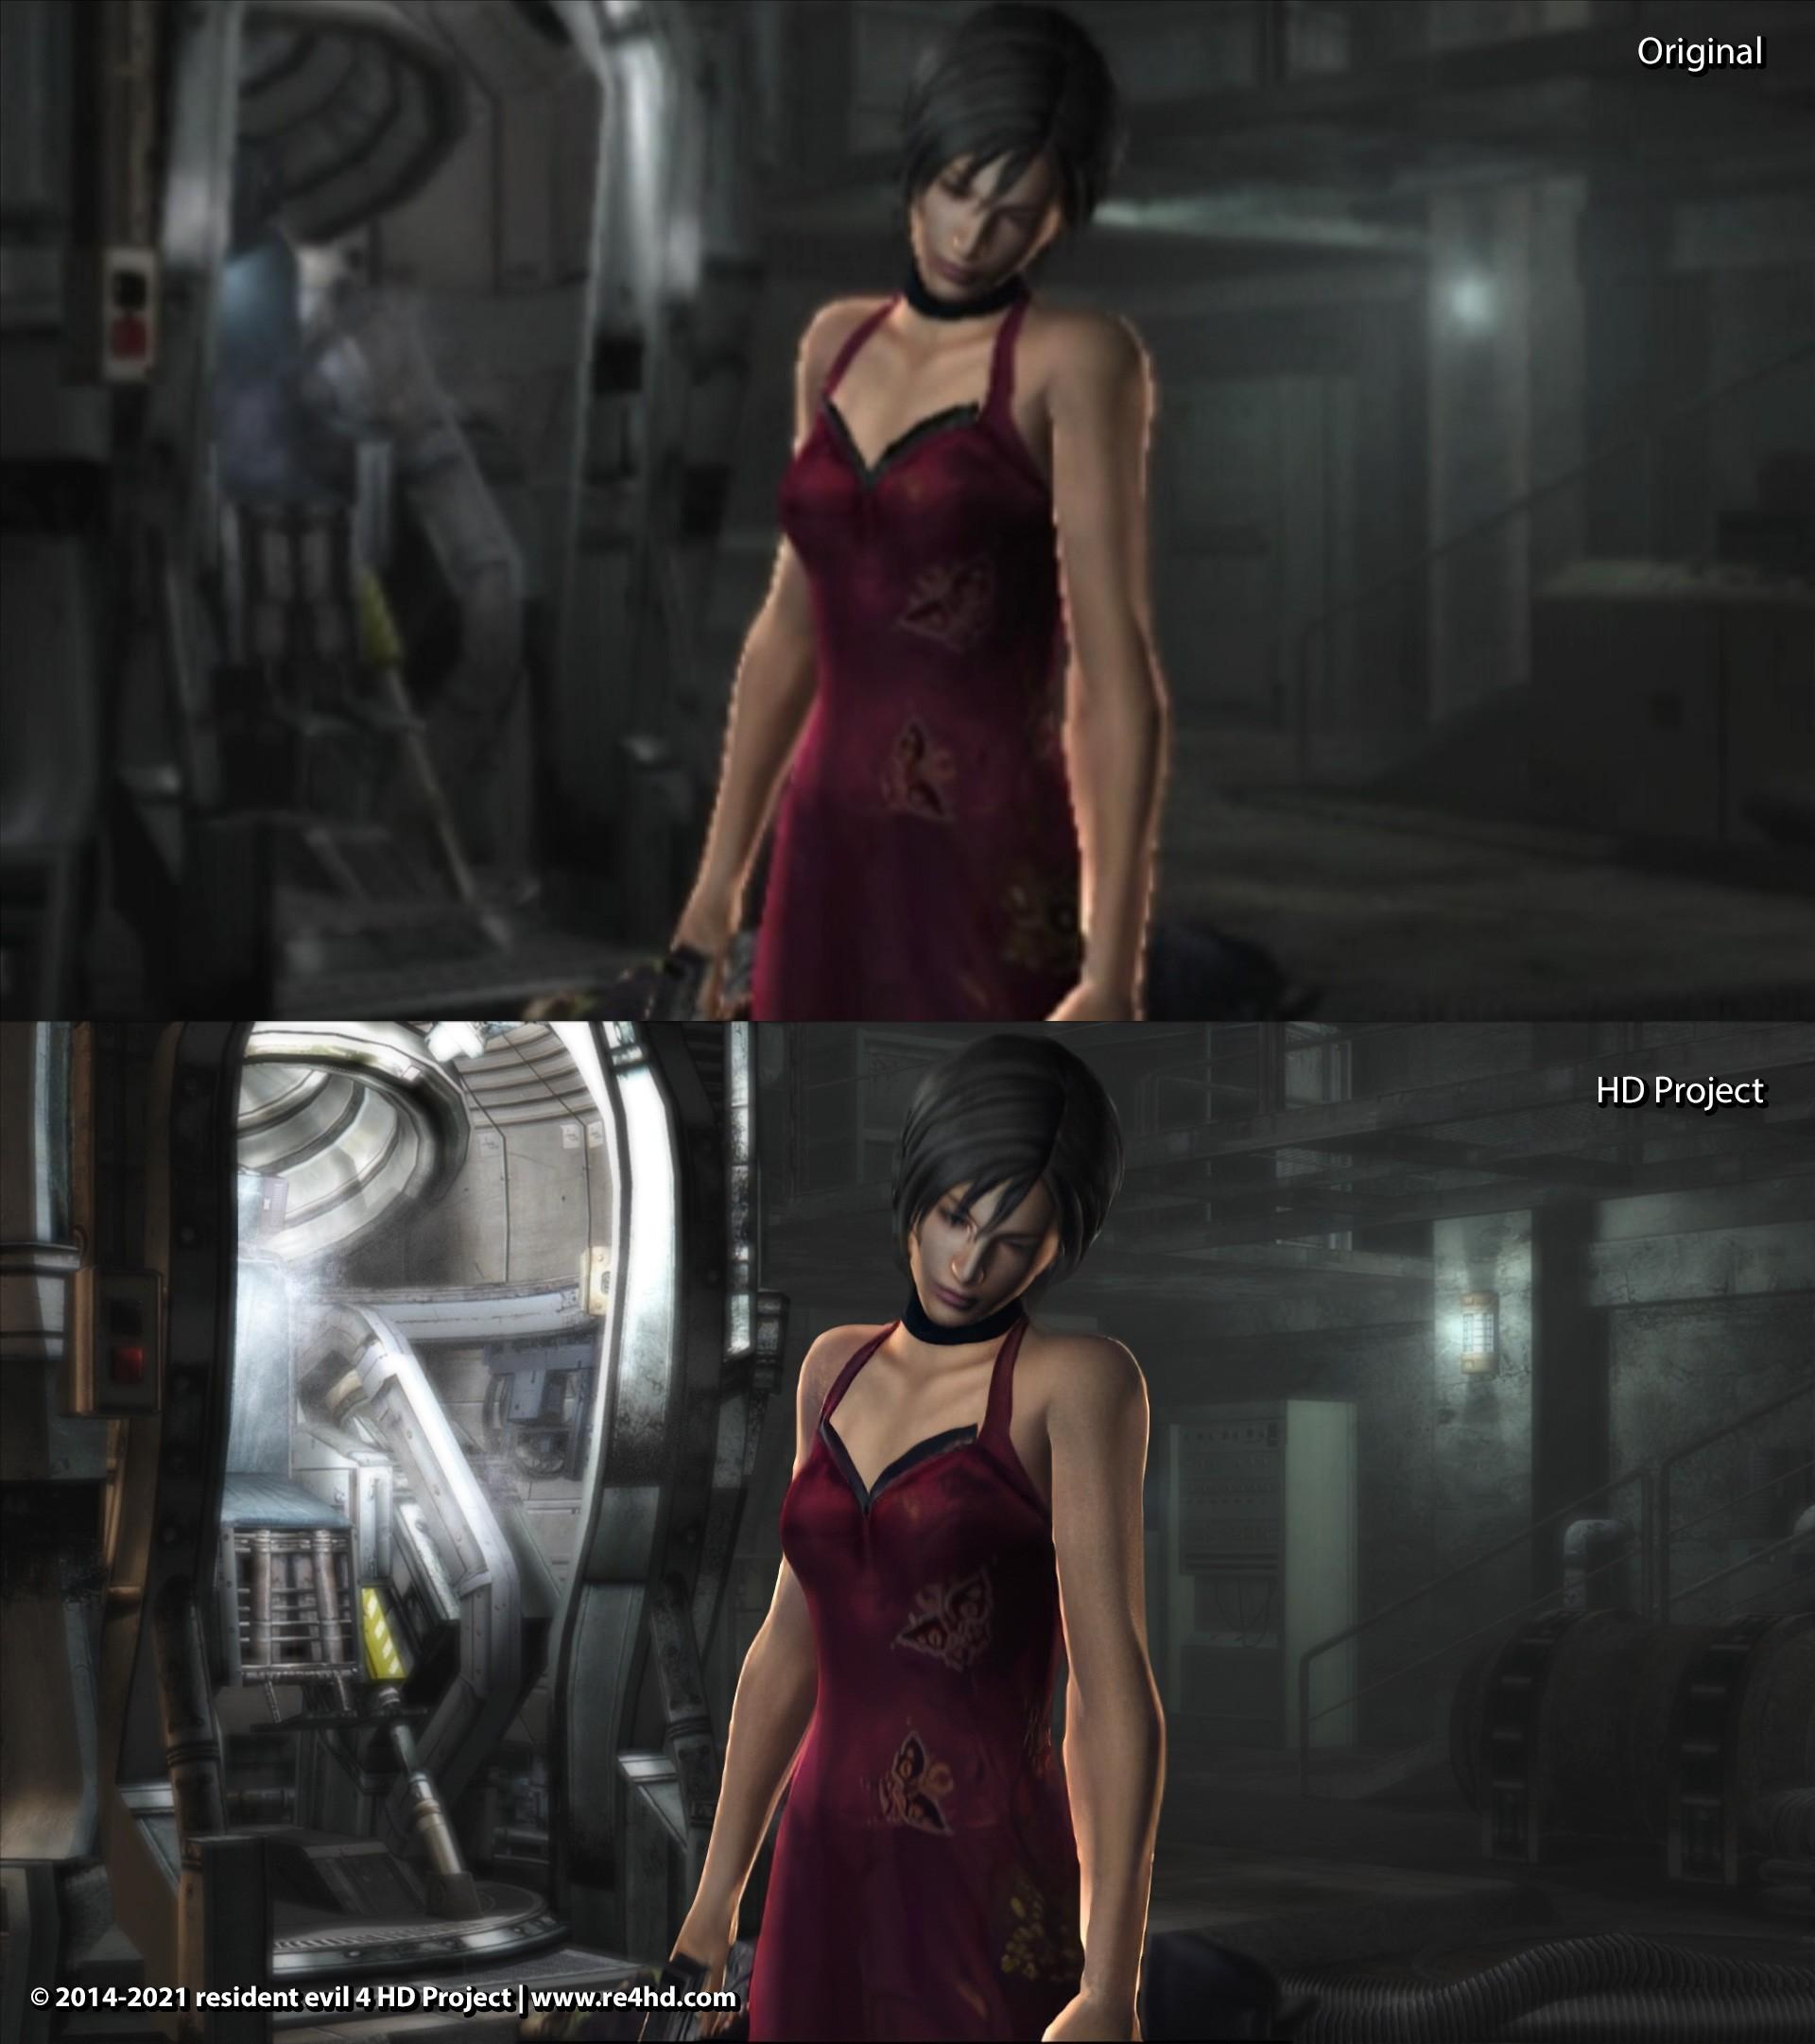 Энтузиаст сильно повысил детализацию в Resident Evil 4 с помощью своего мода